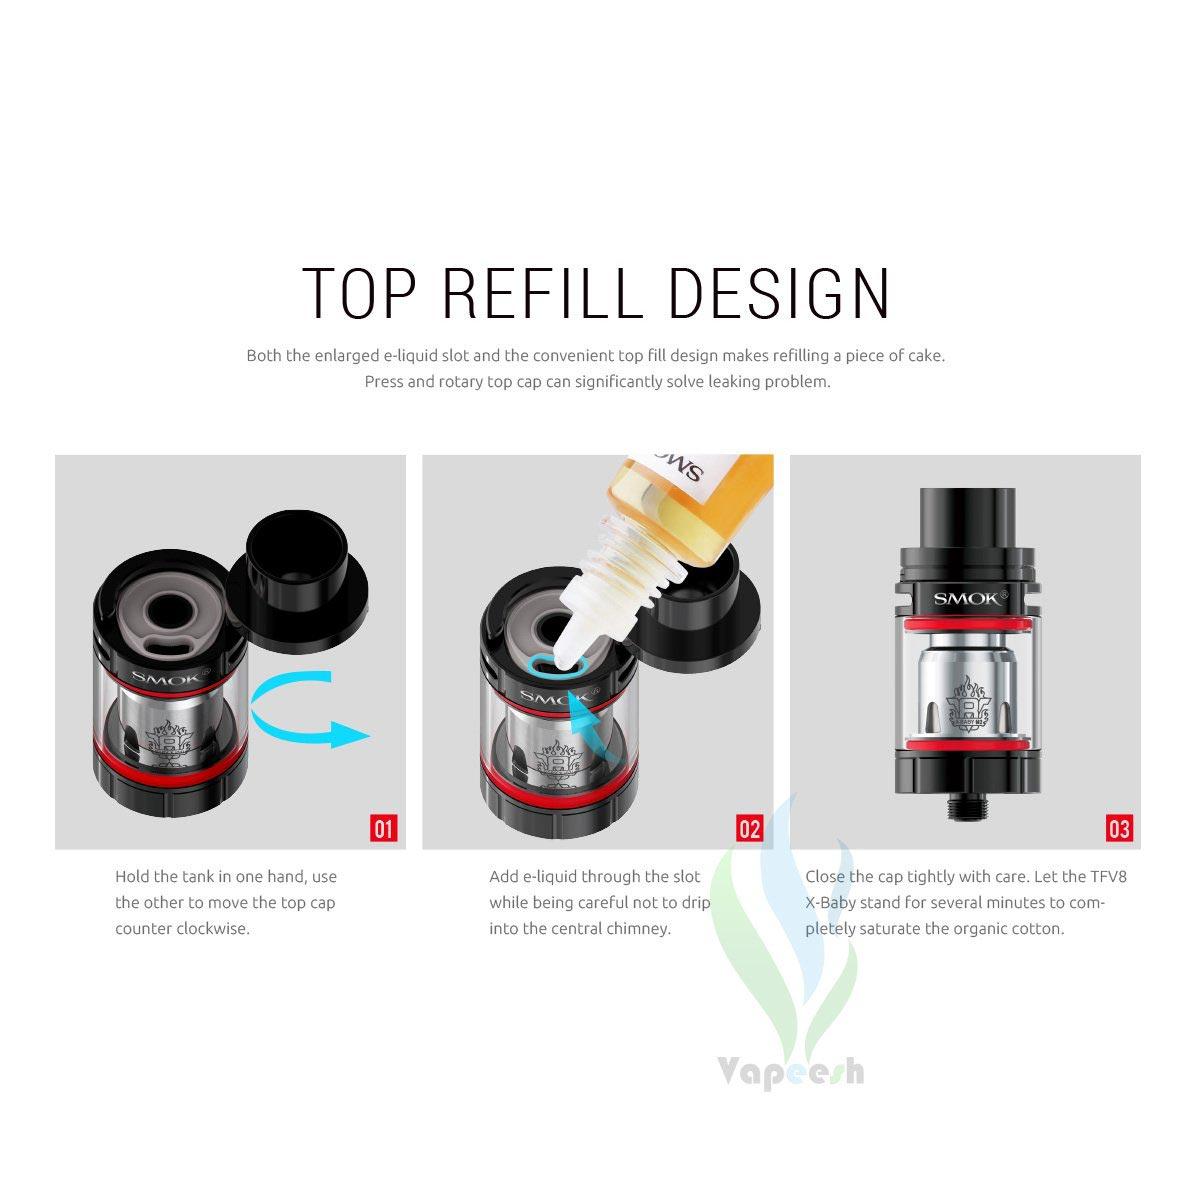 Smok TFV8 X-Baby Tank Refill